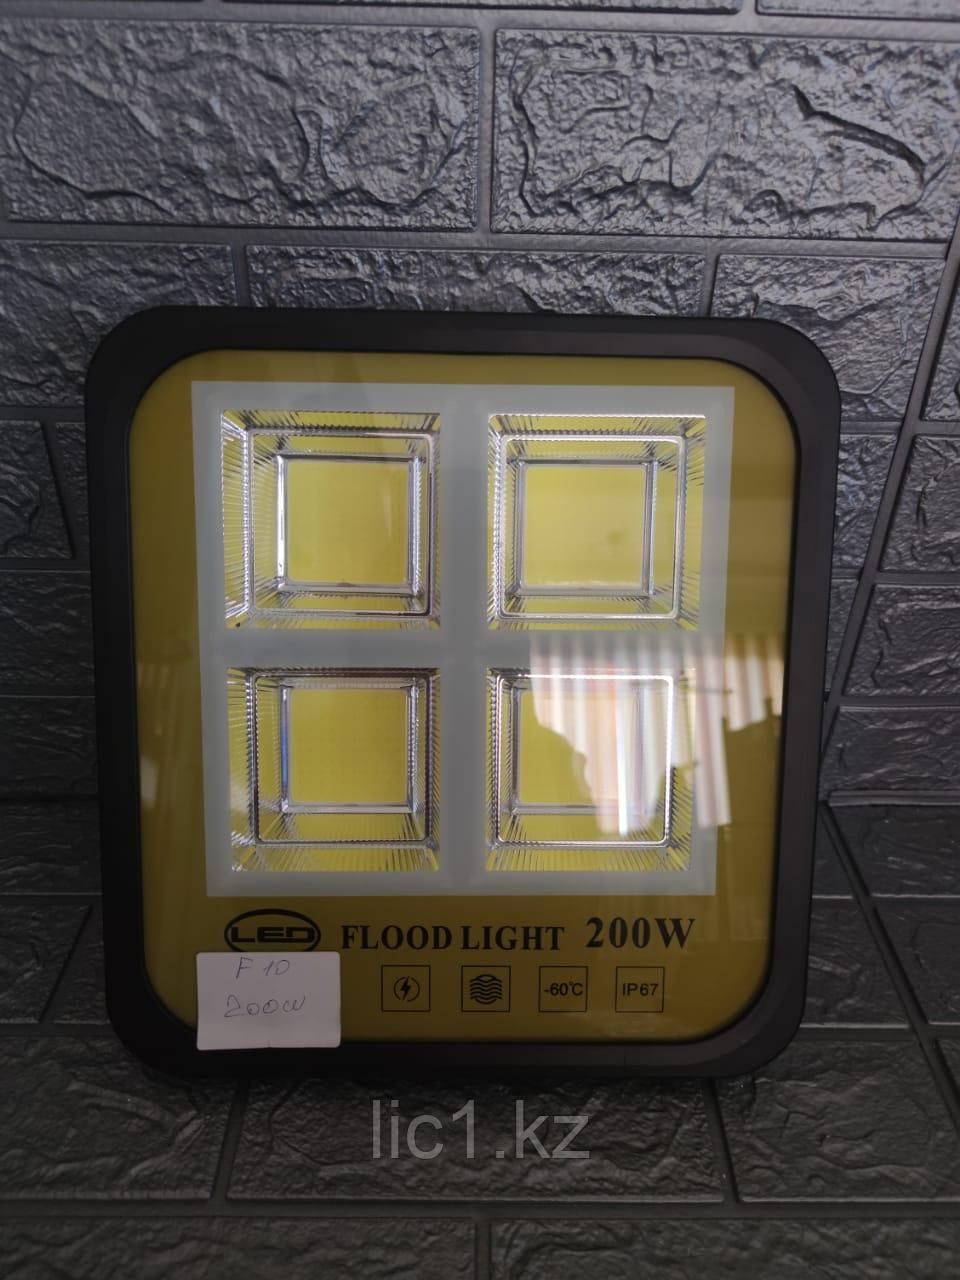 Прожектор светодиодный F10 200 Вт